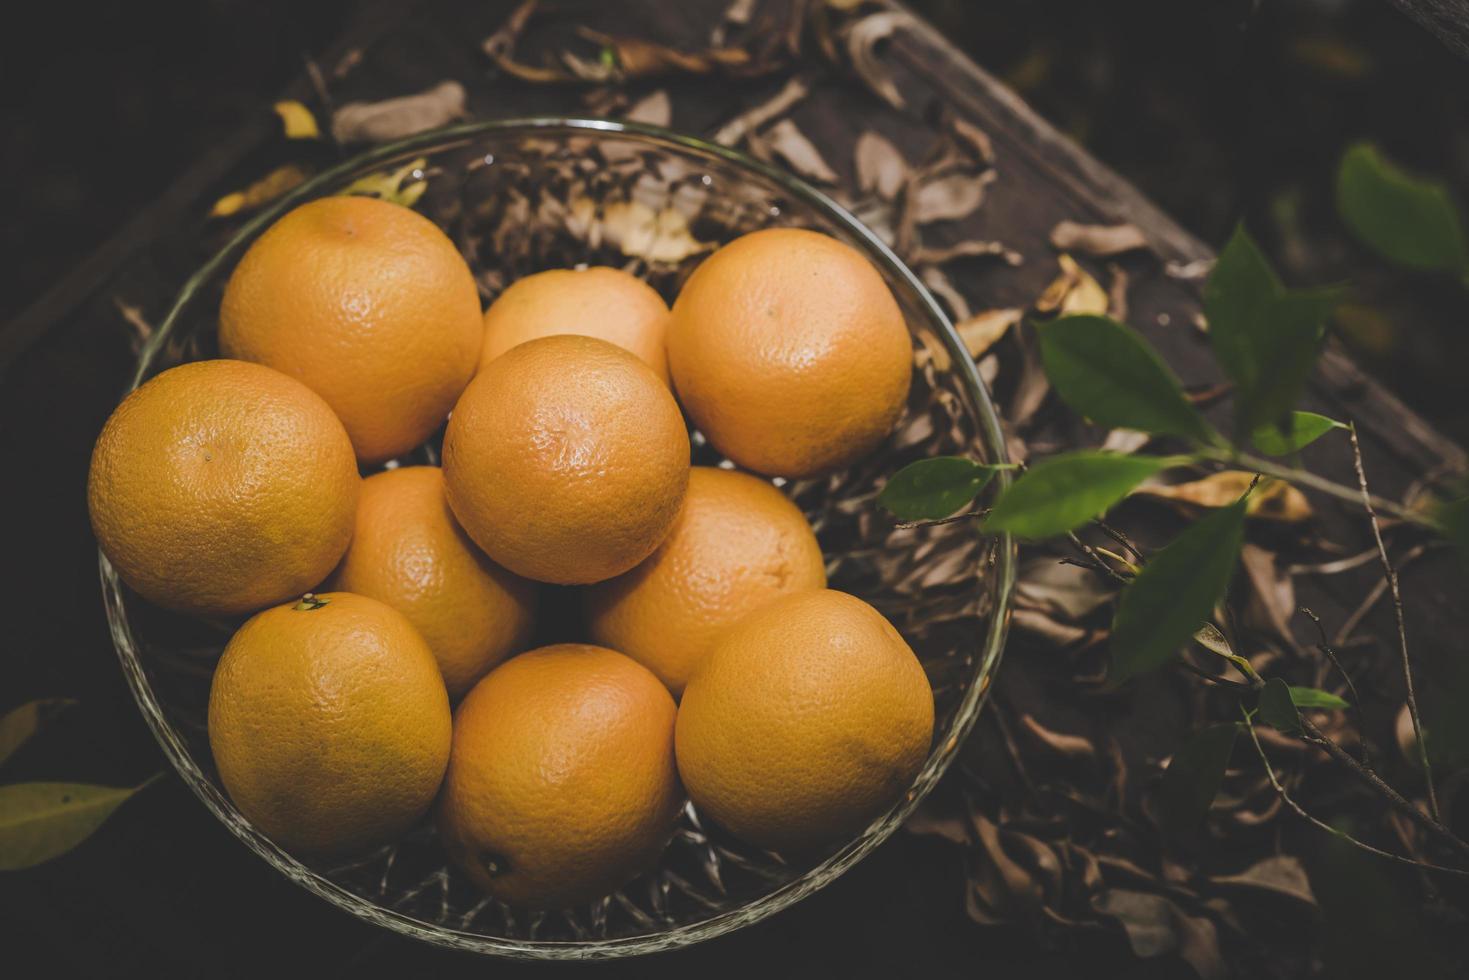 un cesto di arance fresche in natura foto